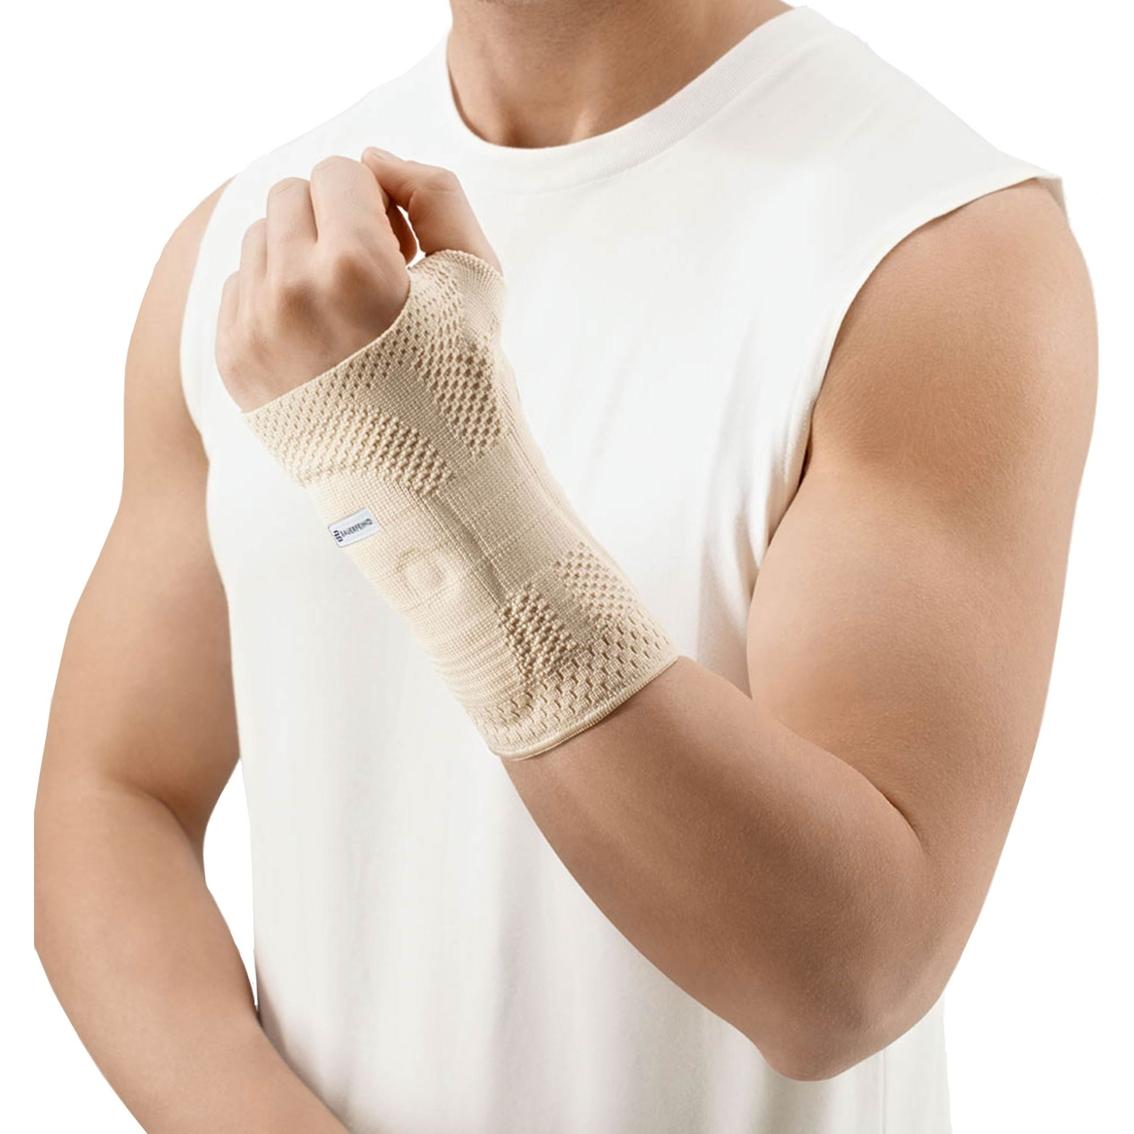 Bauerfeind Manutrain Active Wrist Support, Left